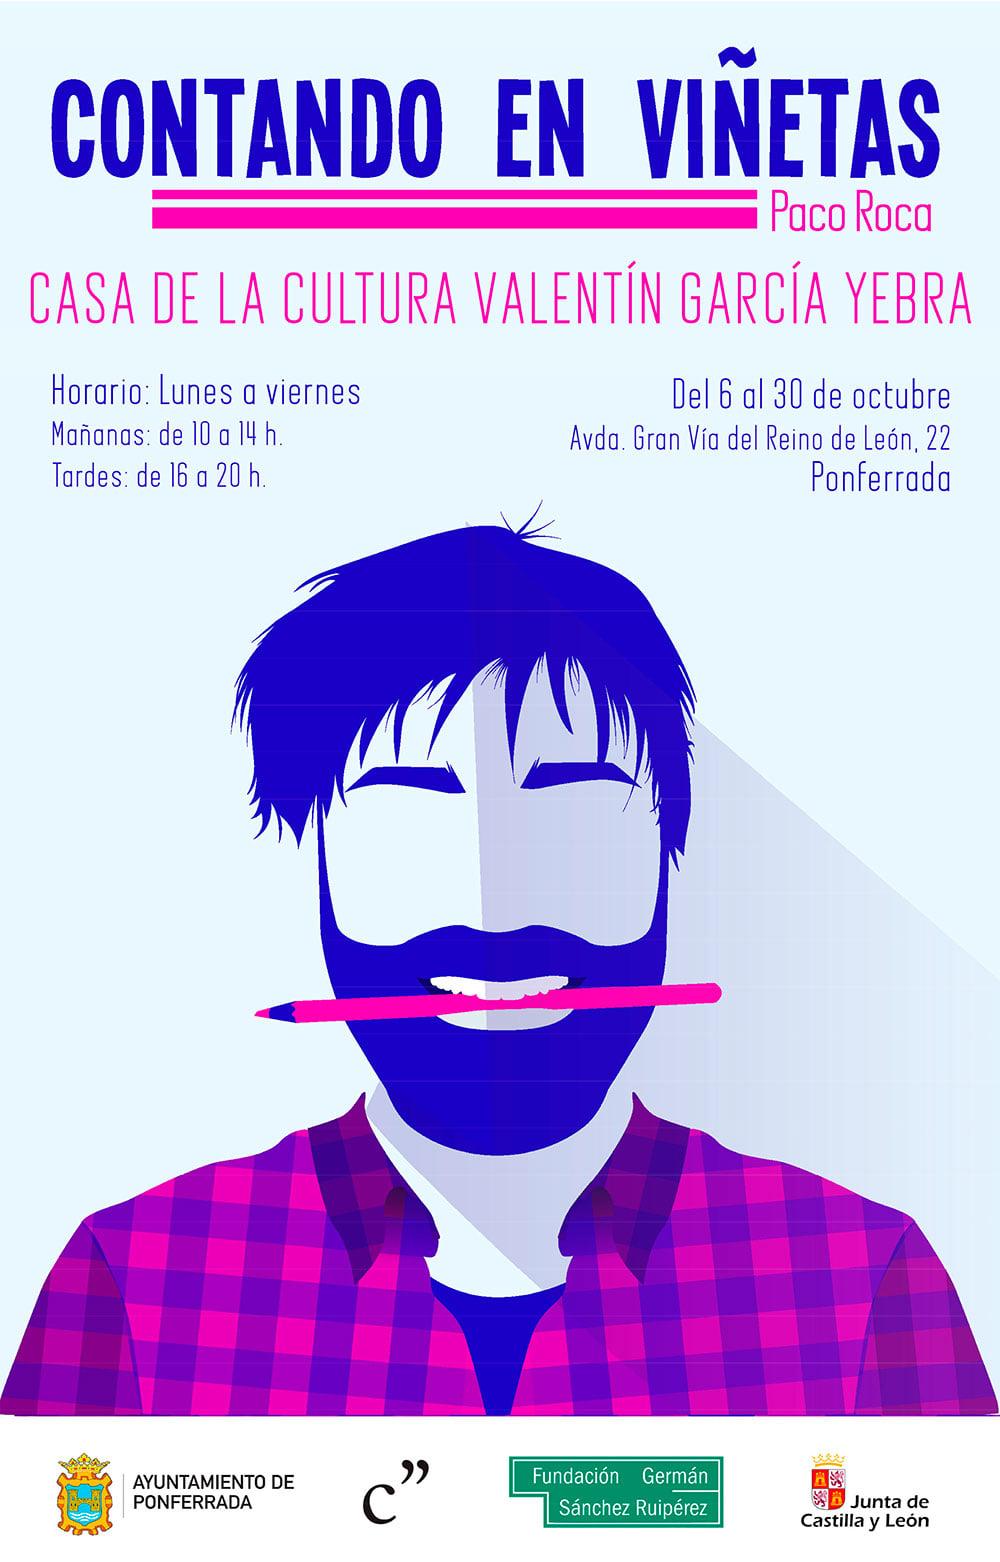 Abre la exposición «Contando en viñetas» del ilustrador valenciano Paco Roca 2